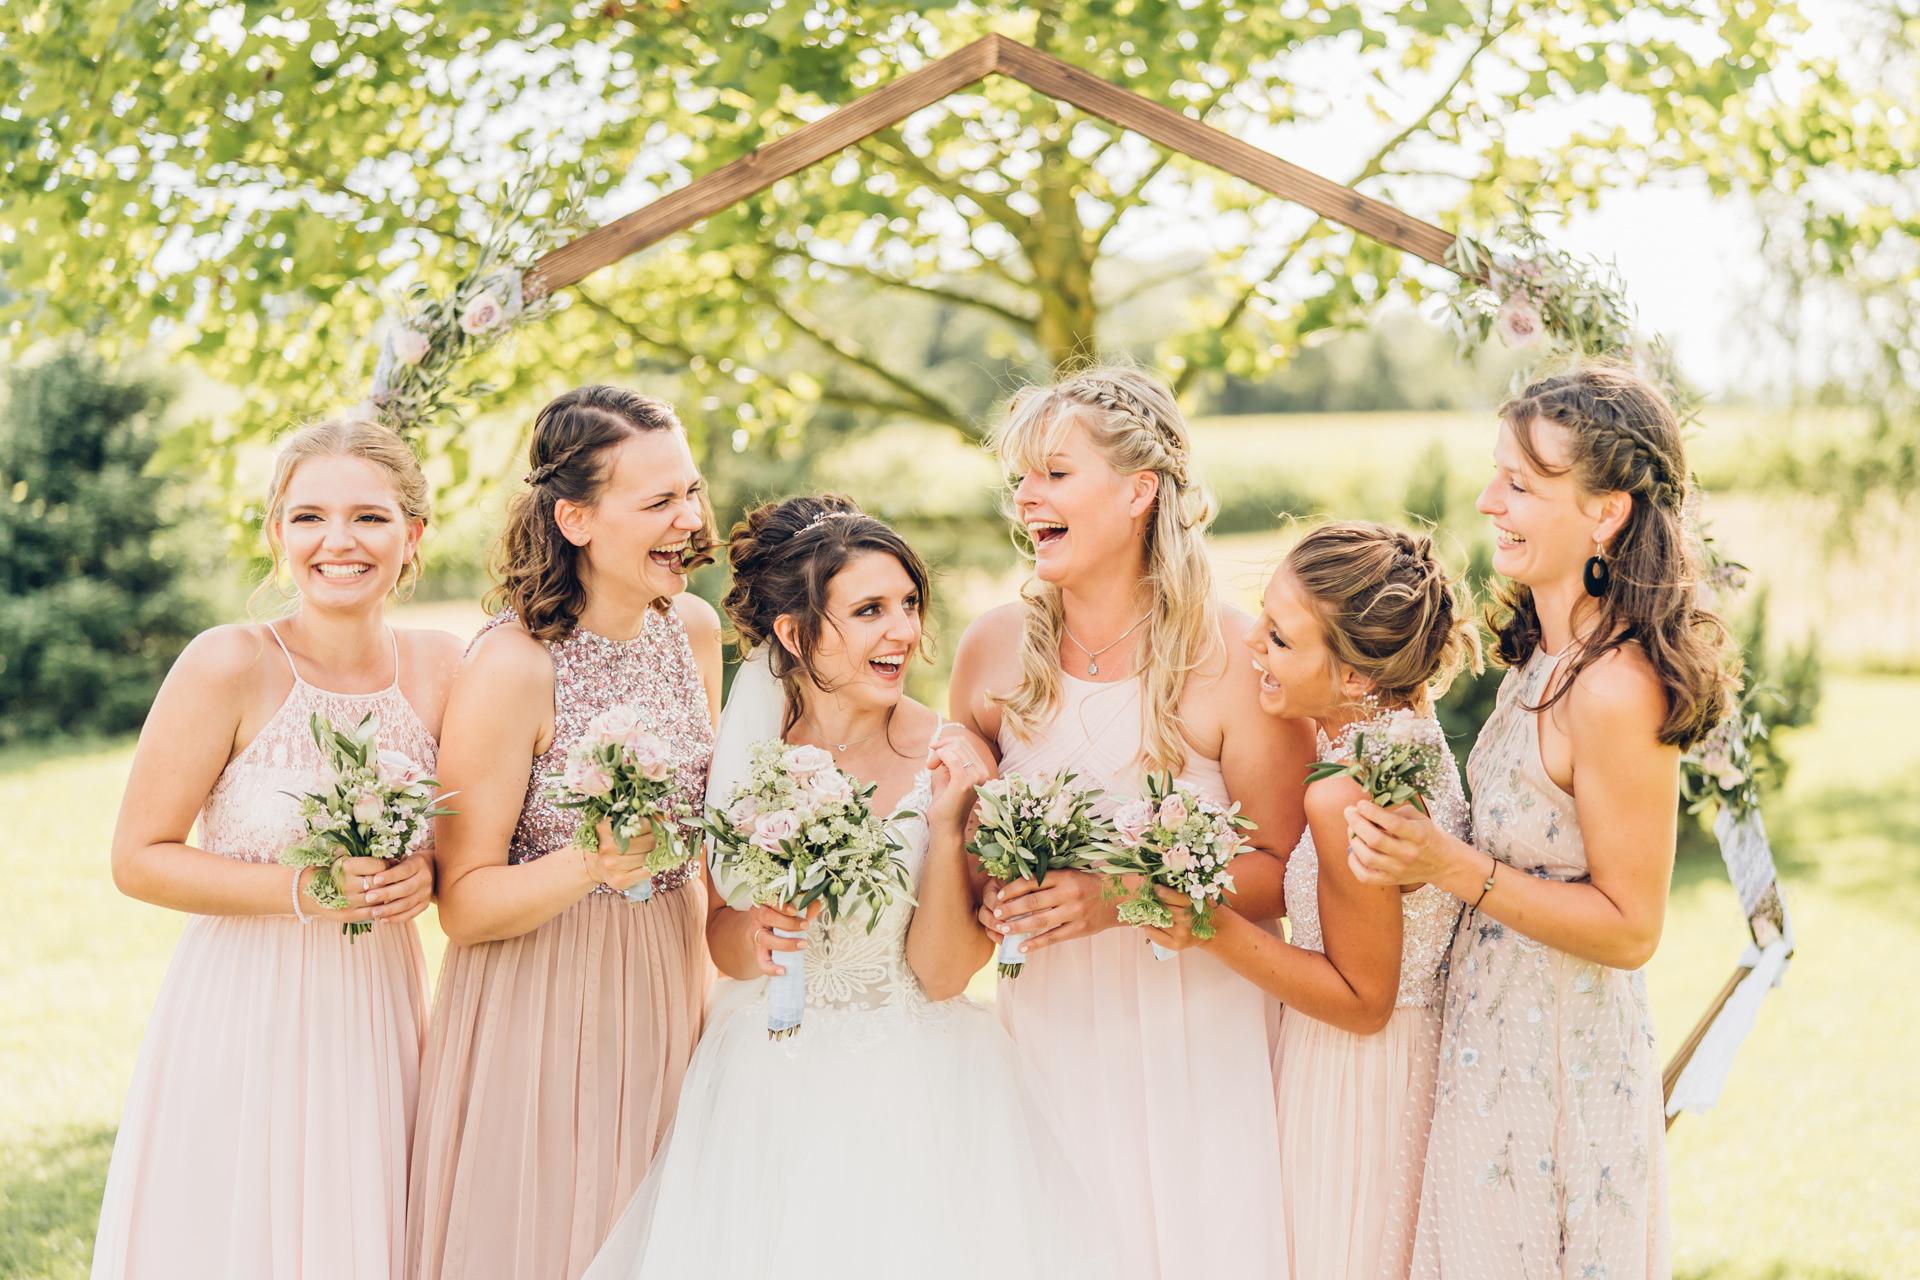 Braut mit Brautjungfern zarten rosafarbenen Kleider